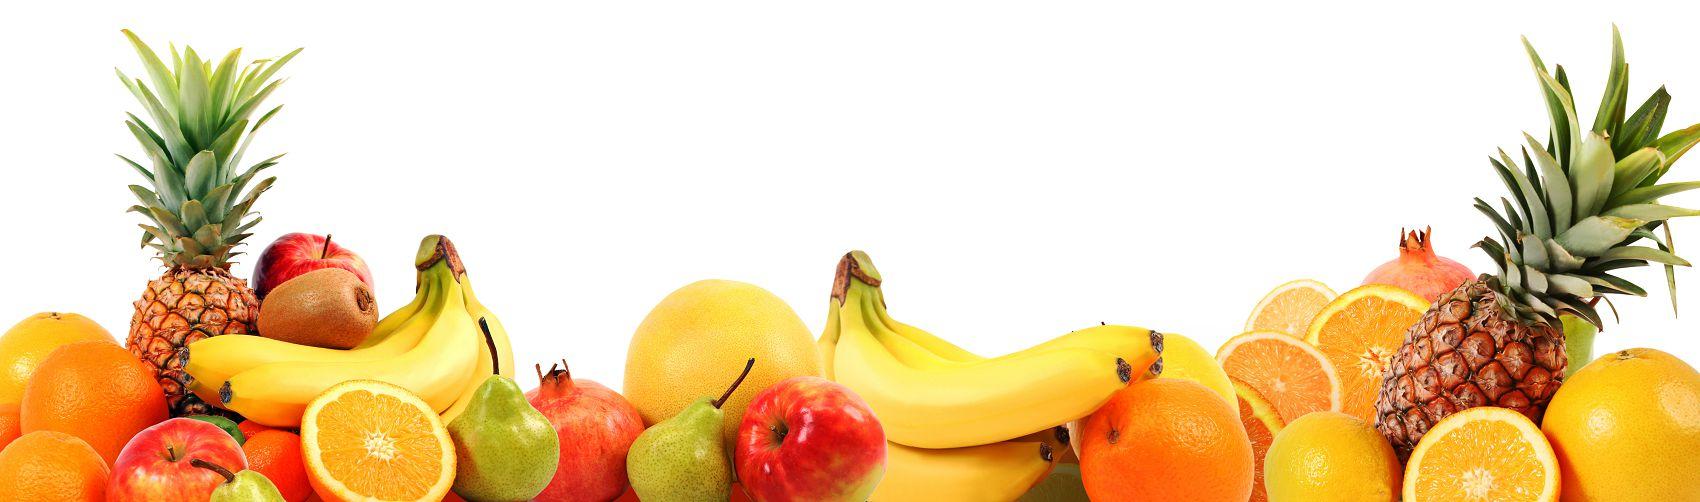 Фартук для кухни с фруктами на белом фоне